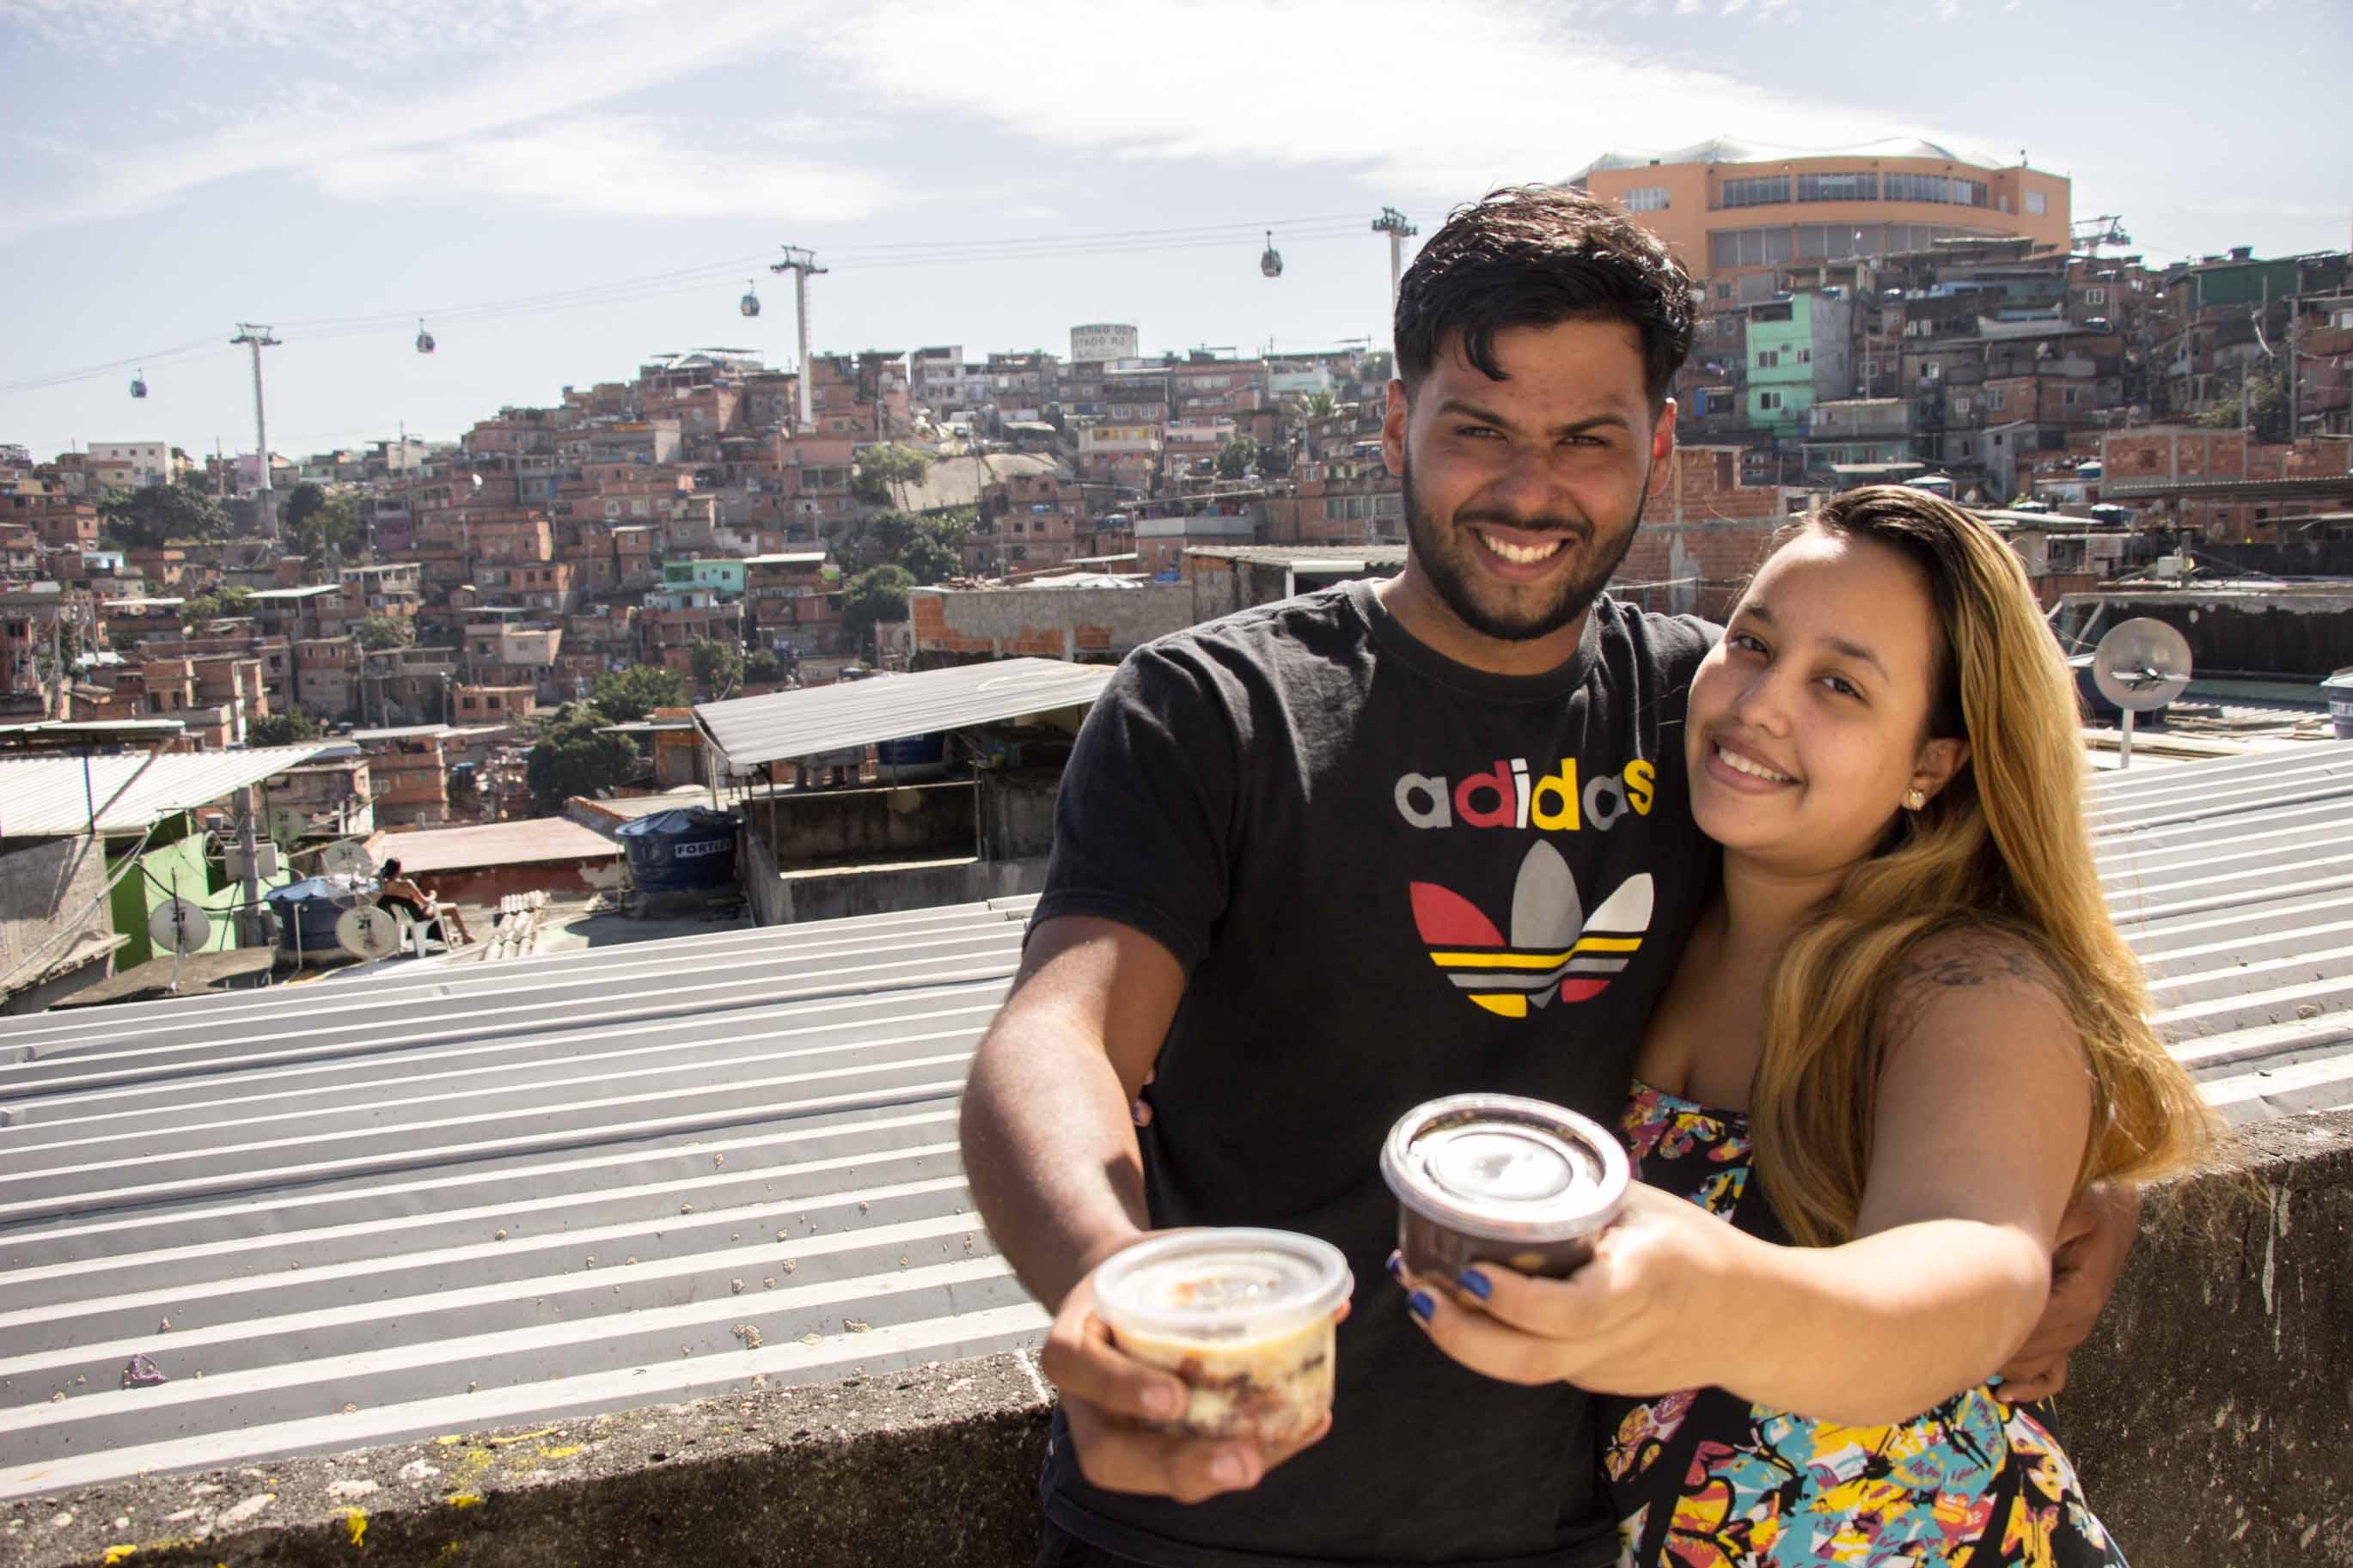 Com investimento de apenas R$ 100, casal dribla crise e faz sucesso vendendo bolos no Complexo do Alemão